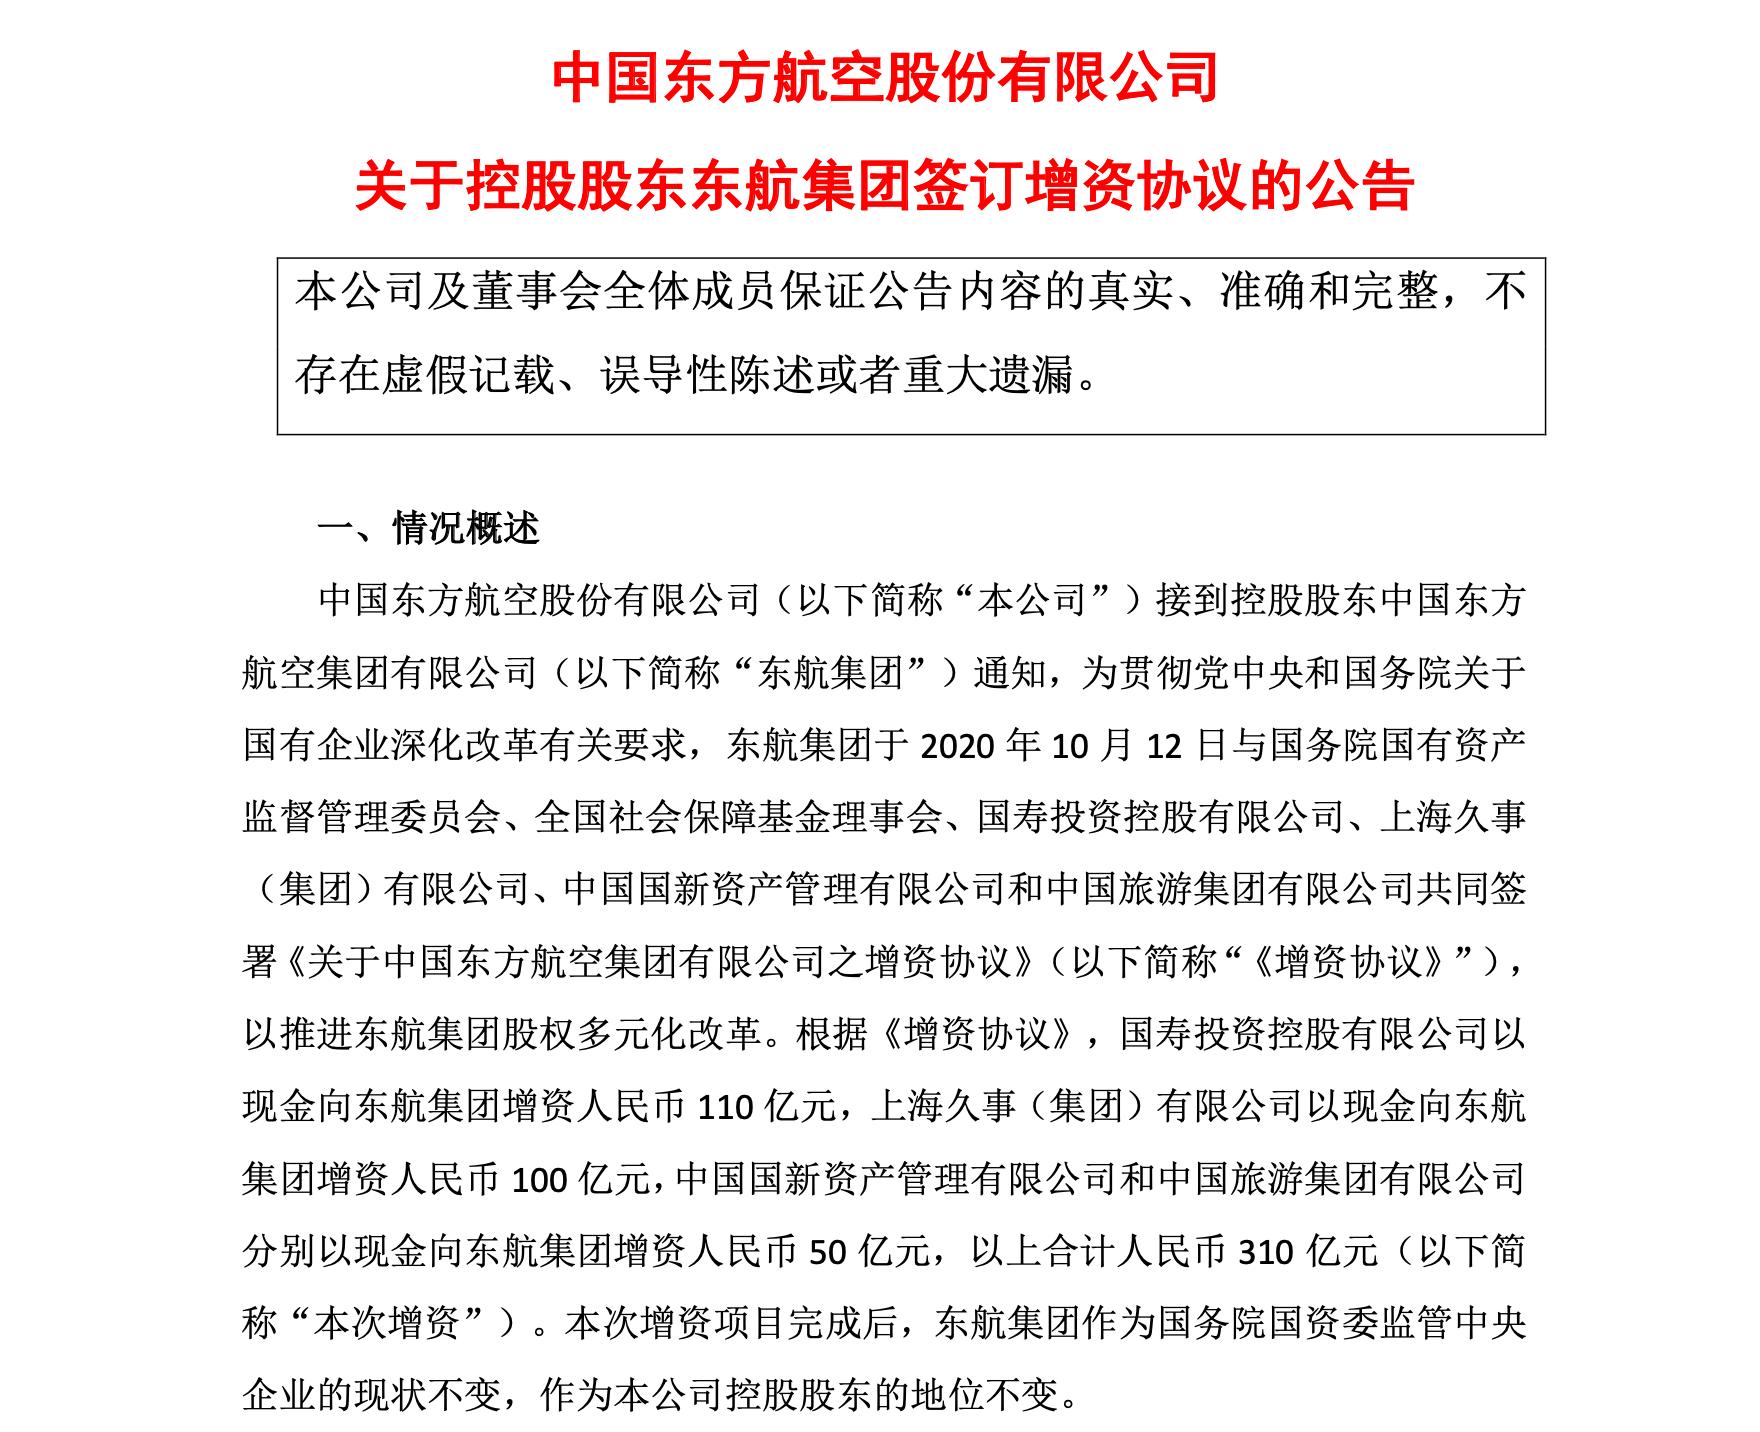 中国人寿斥资110亿元大手笔增资东方航空 险资重仓国企混改为哪般